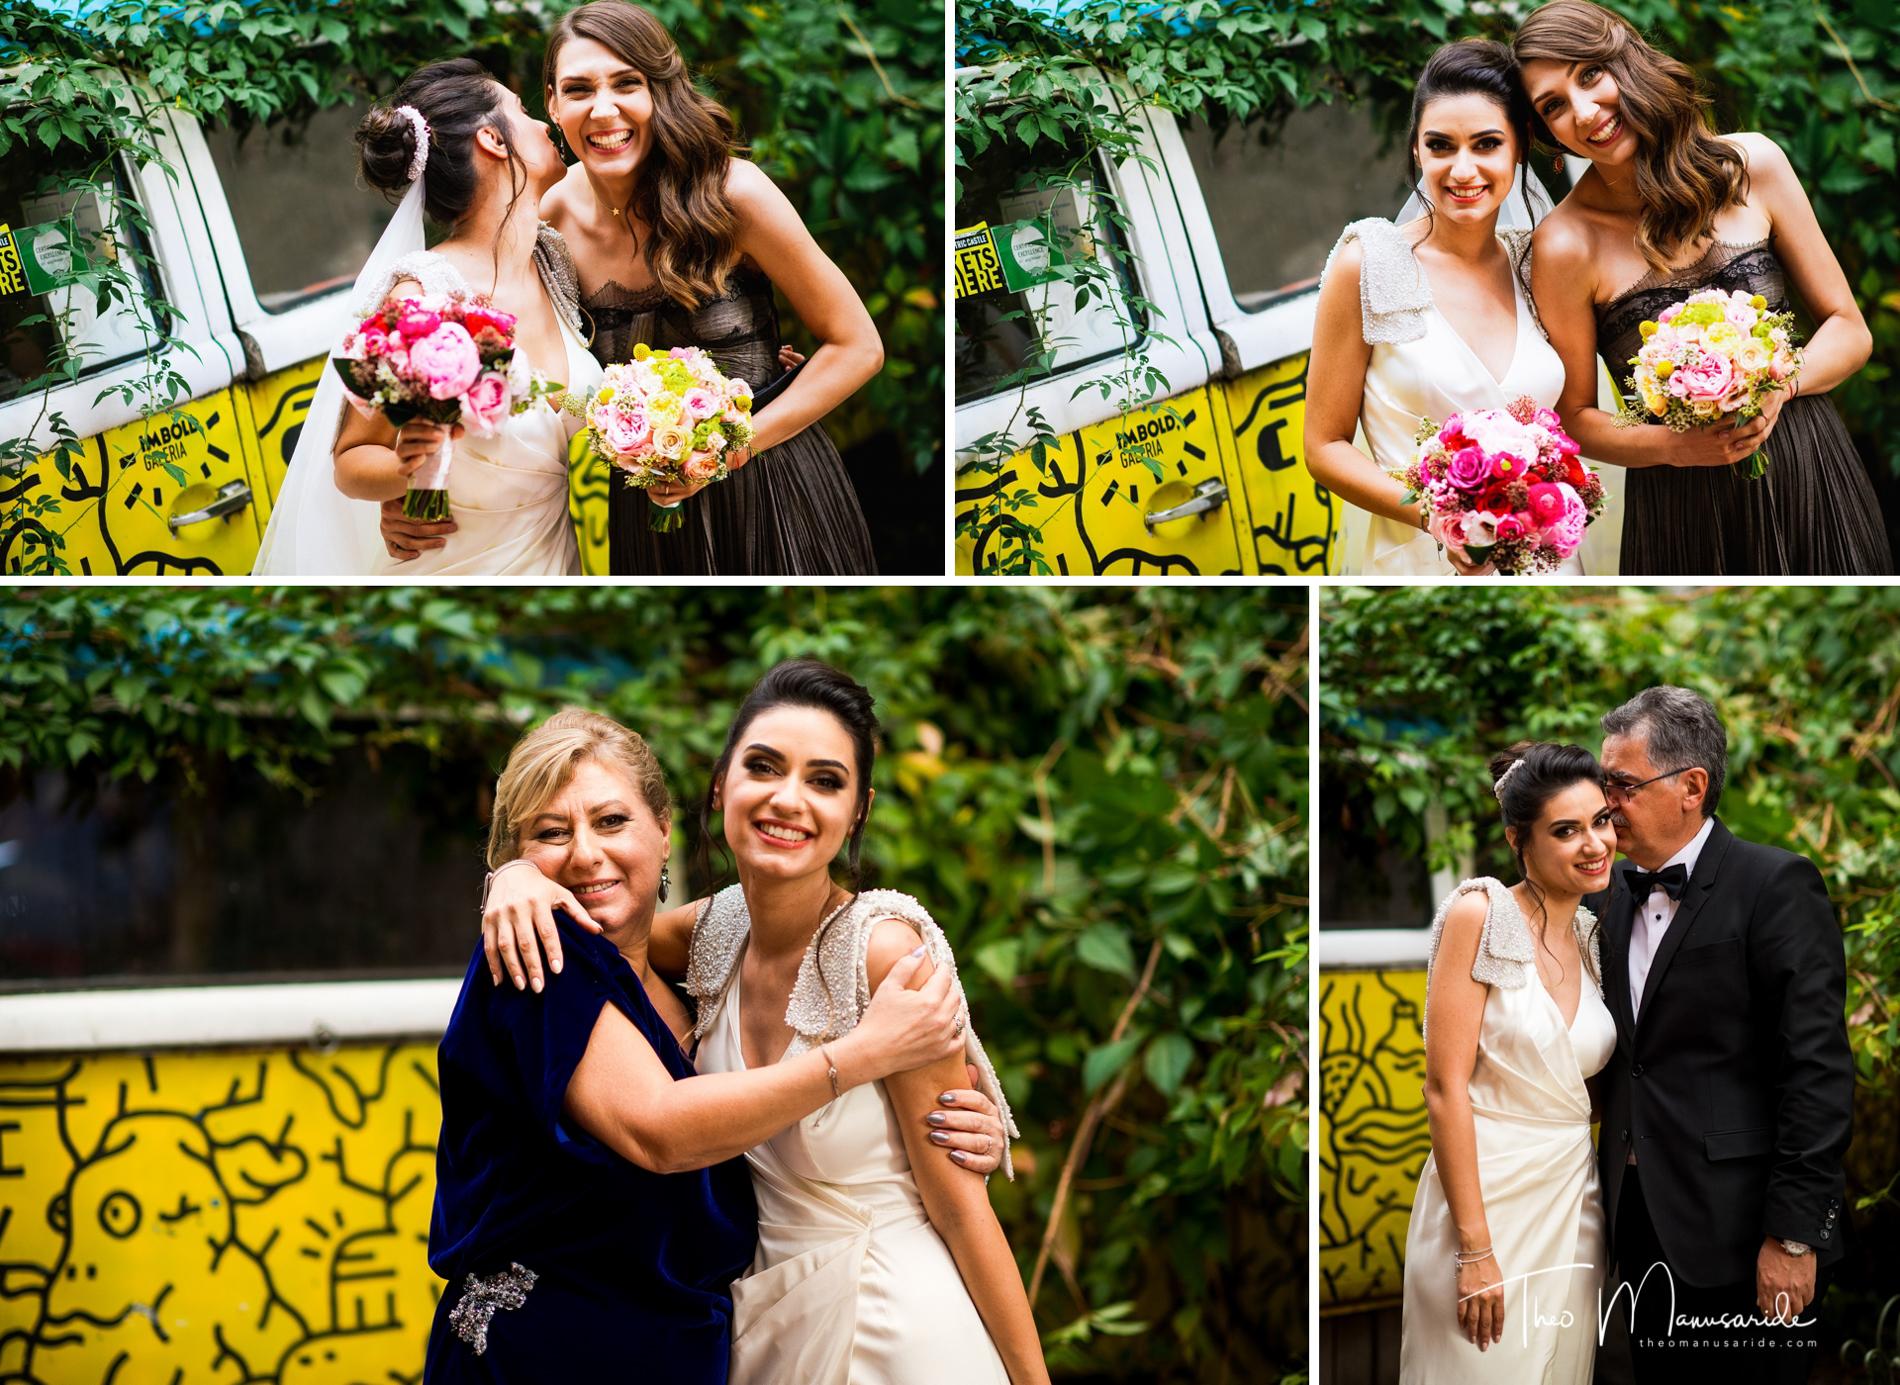 fotograf nunta fratelli-29